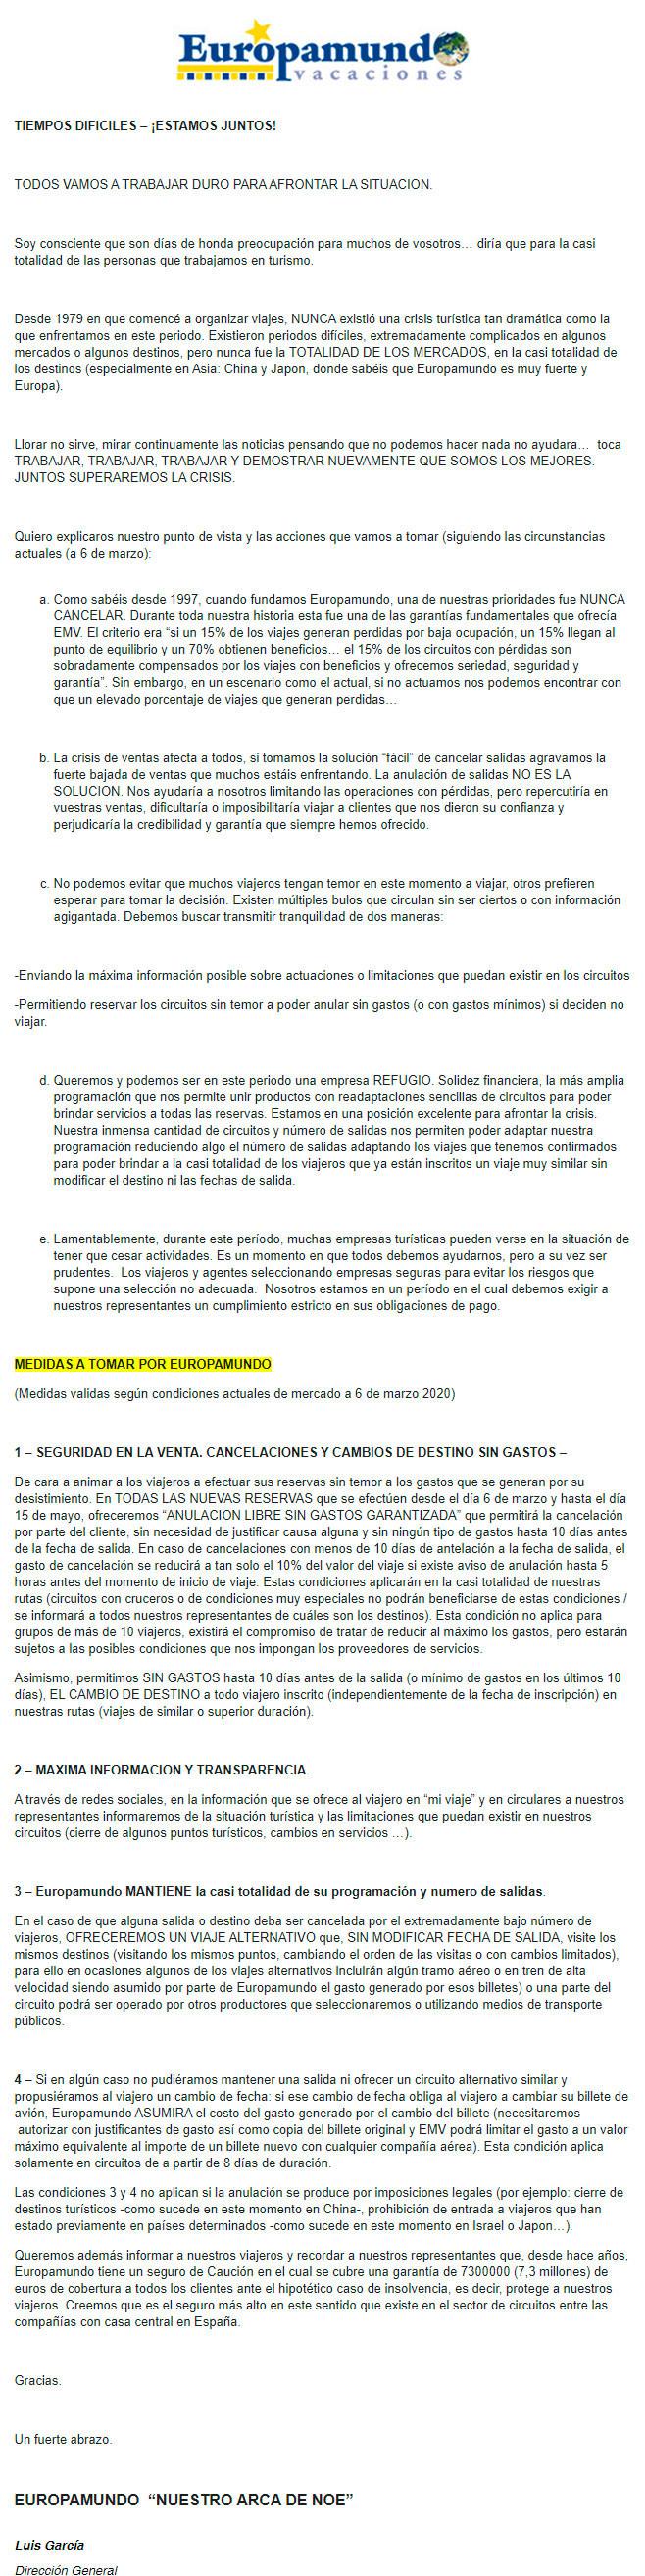 Carta del director general de Europamundo a los agentes de viajes